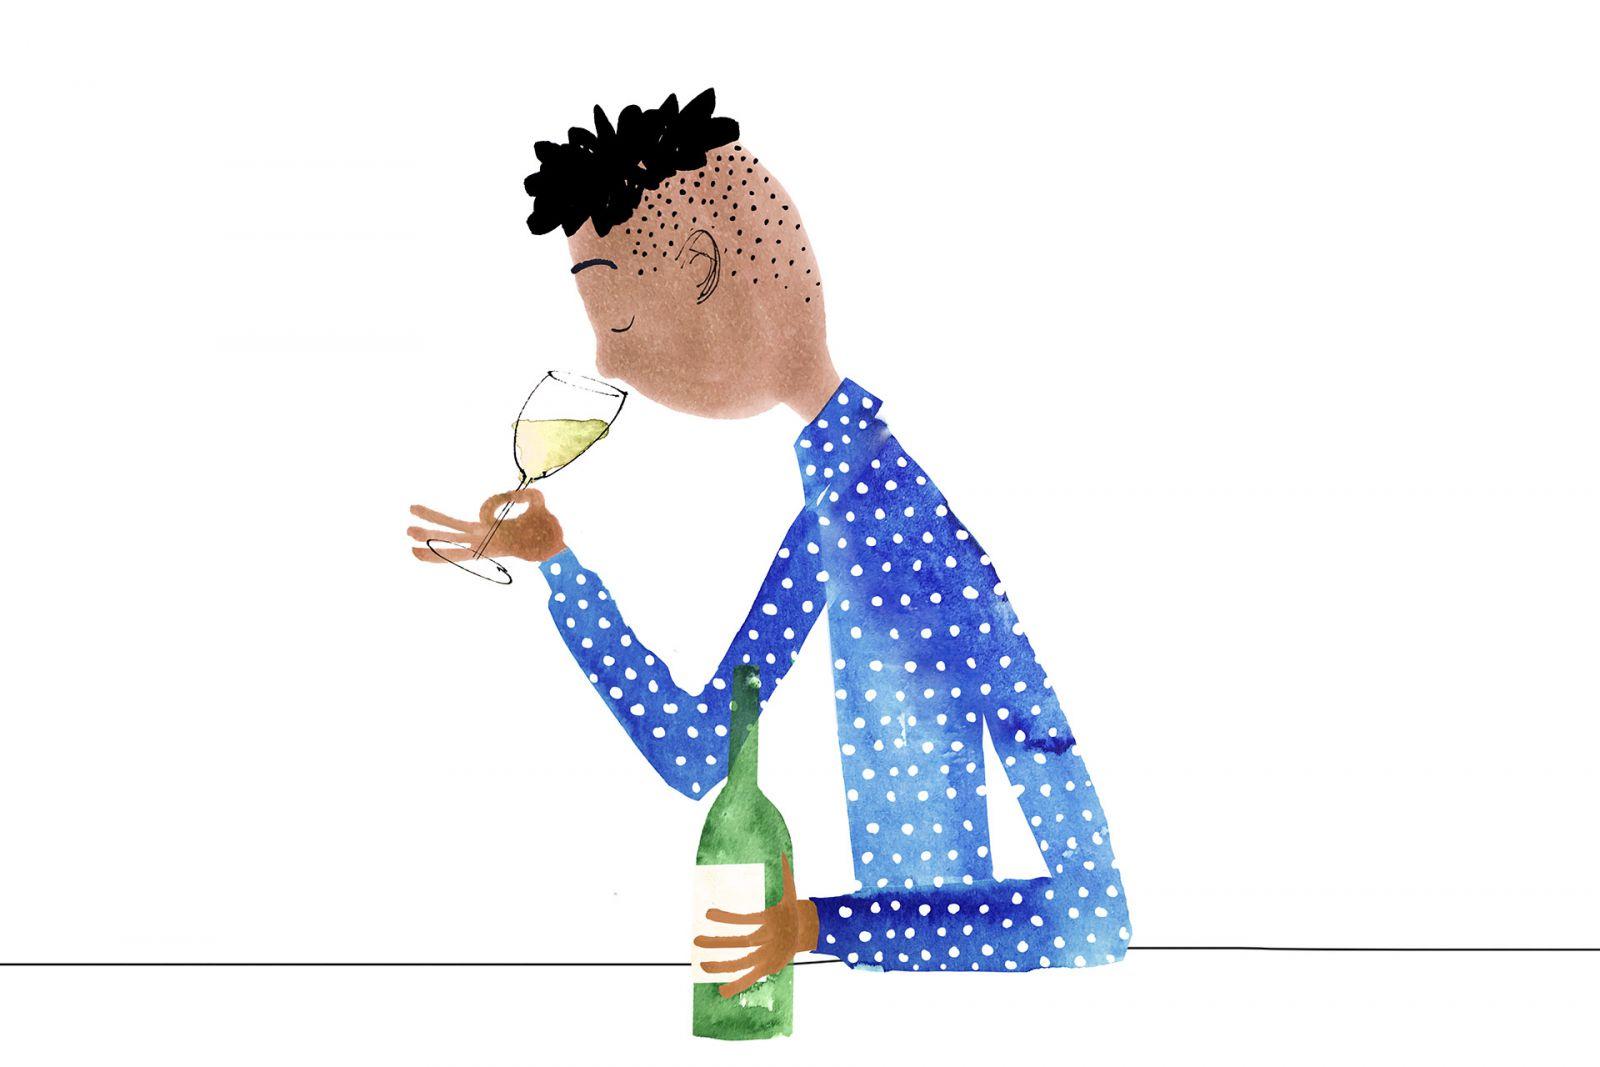 hít hoặc ngửi ly rượu